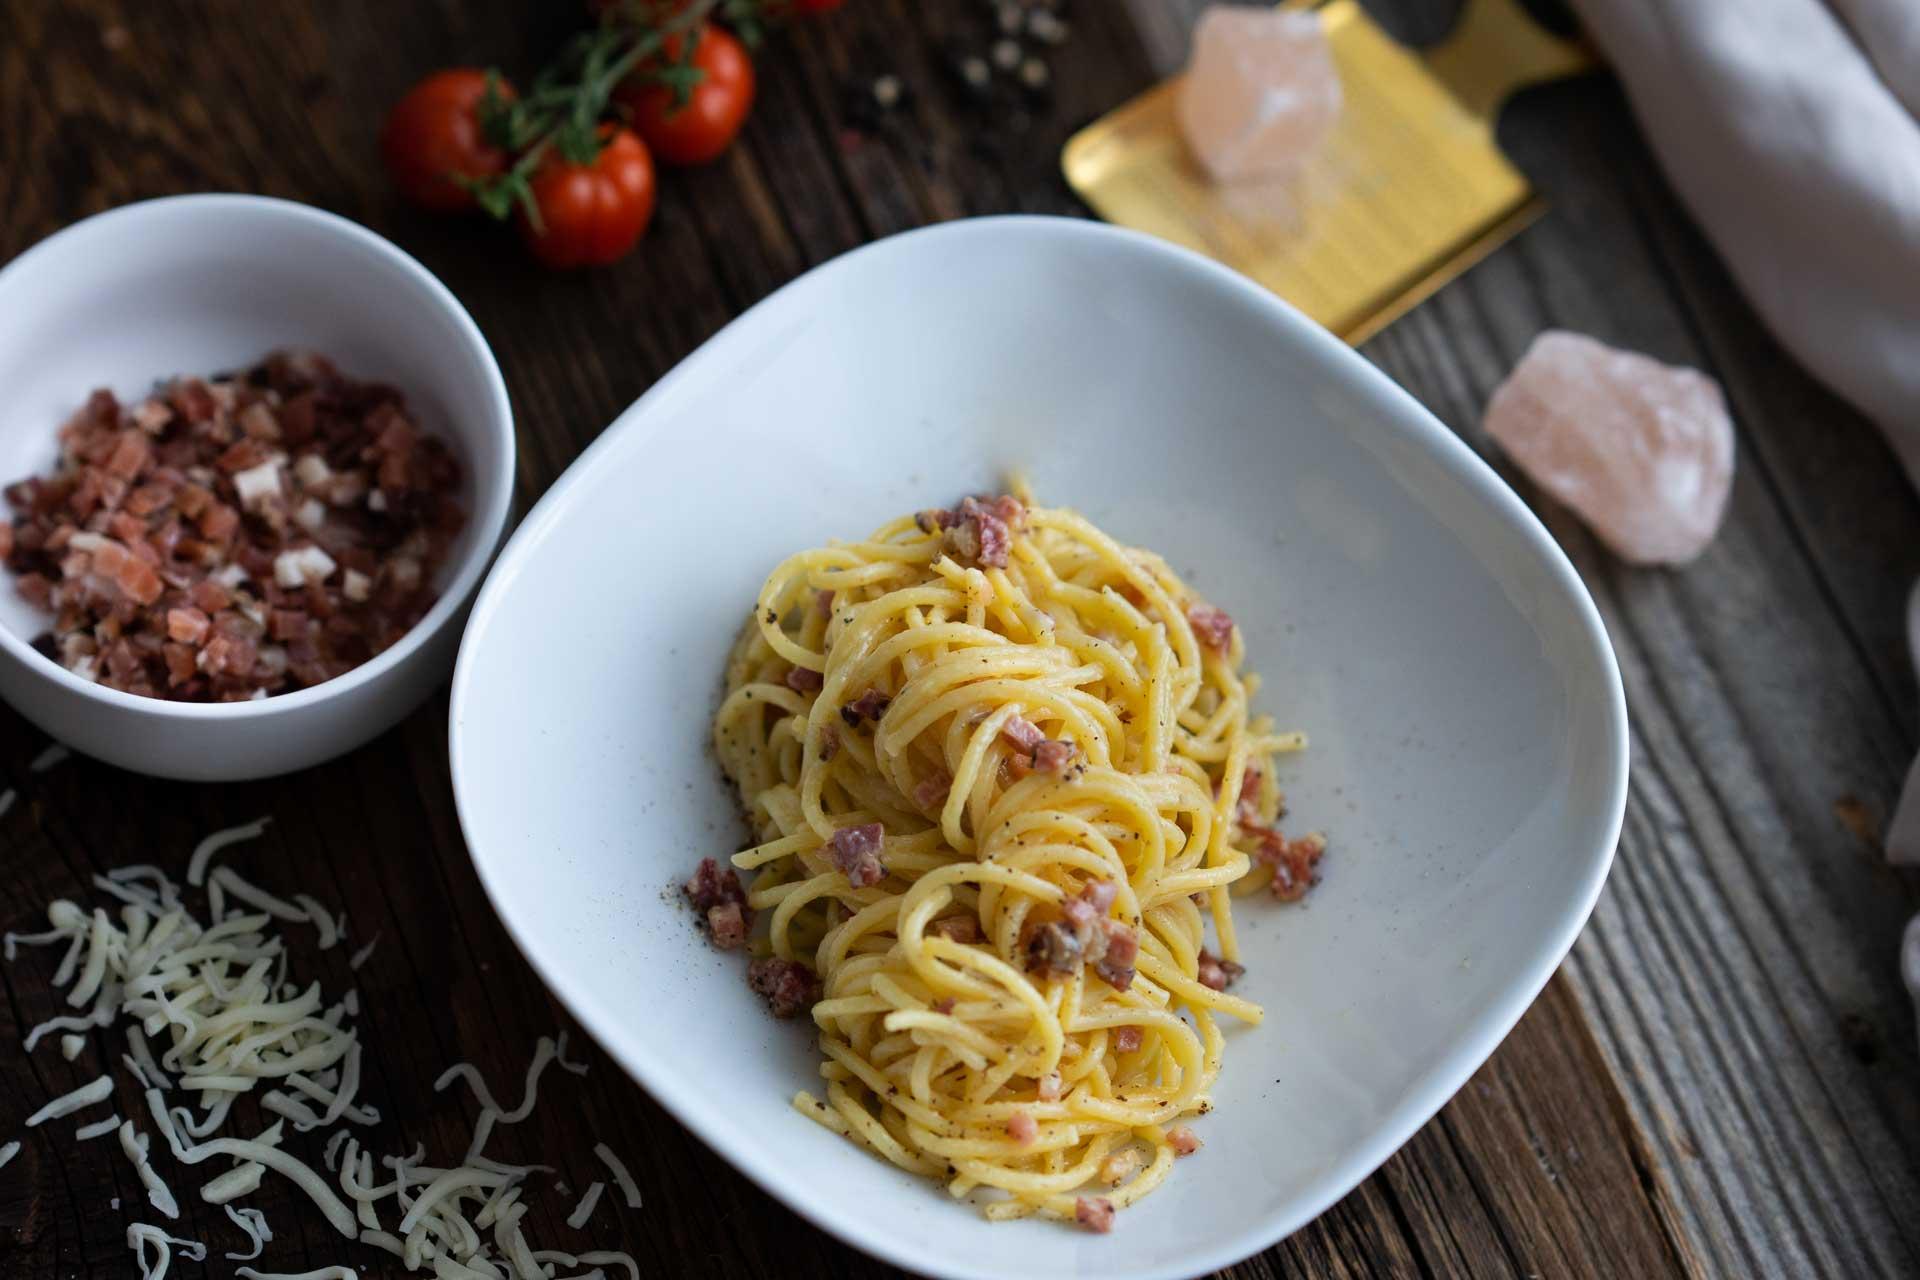 Spaghetti Carbonara mit Speck garniert, daneben Speck in einer Schüssel und Tomaten